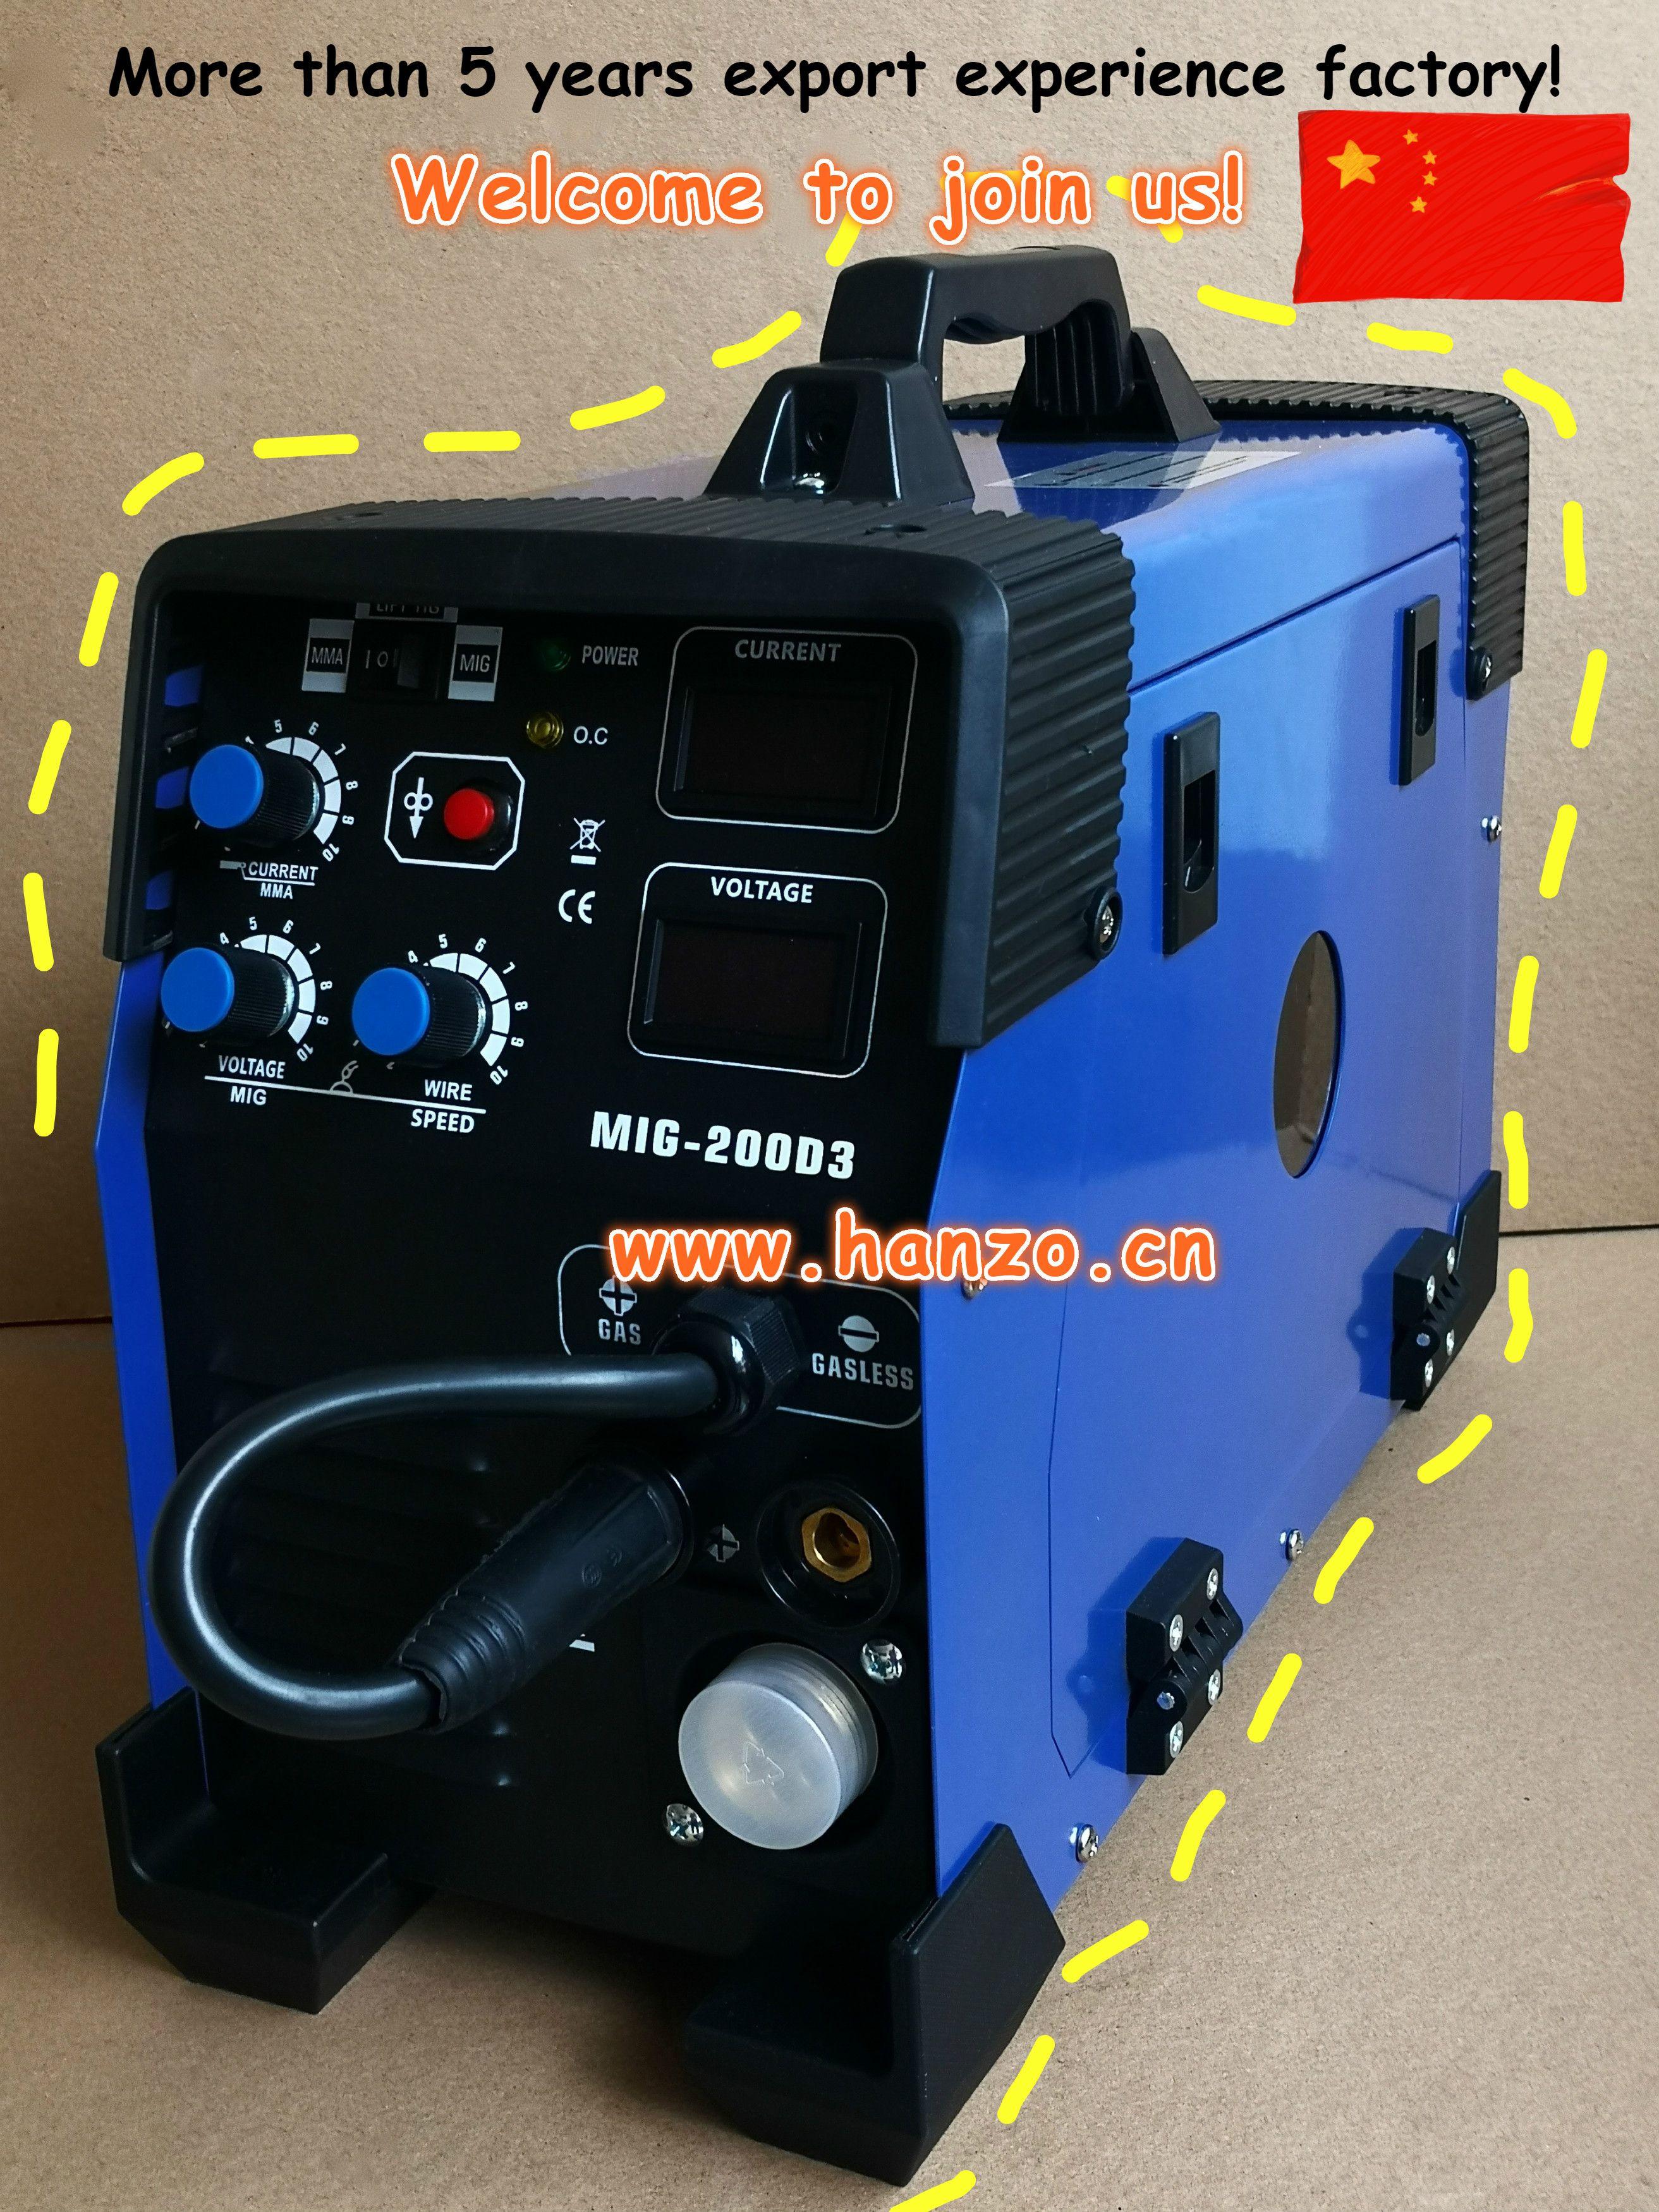 3in1 Mig 160 180 200 Welder Igbt Inverter Welding Machine Welding Machine Mag Welding Inverter Welding Machine